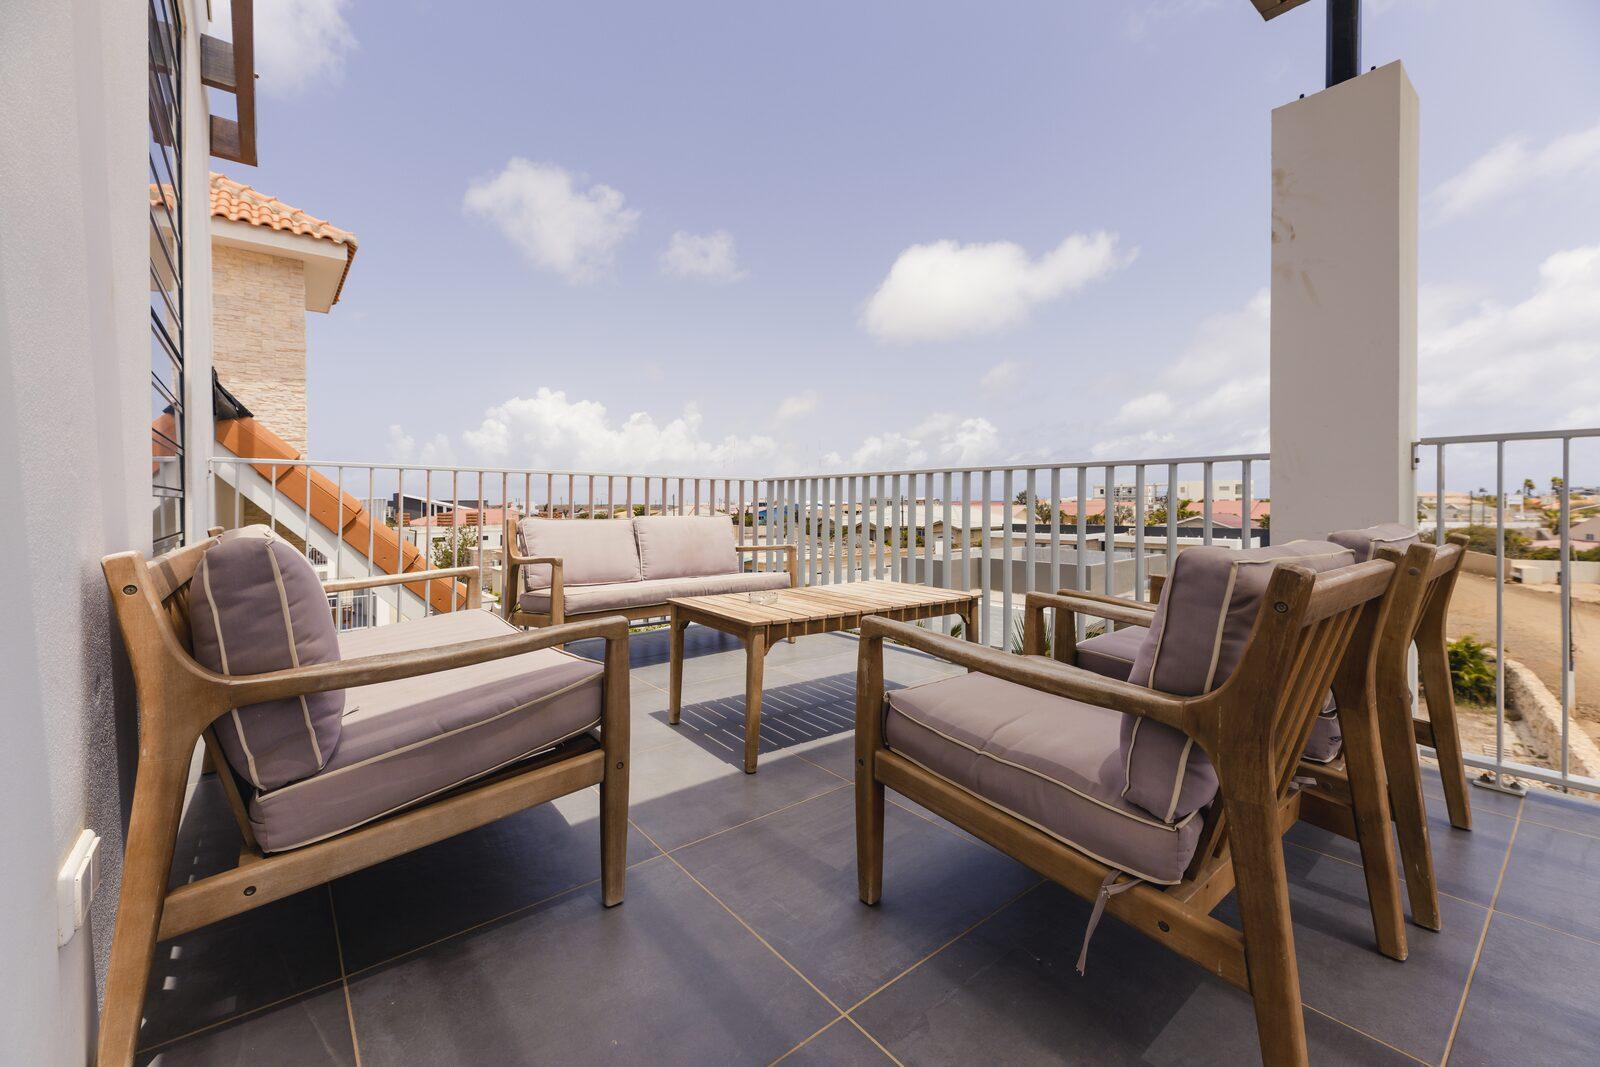 Die oberste Ferienwohnung im Resort Bonaire besitzt einen großen Balkon, von dem aus Sie den Ferienort überblicken können.